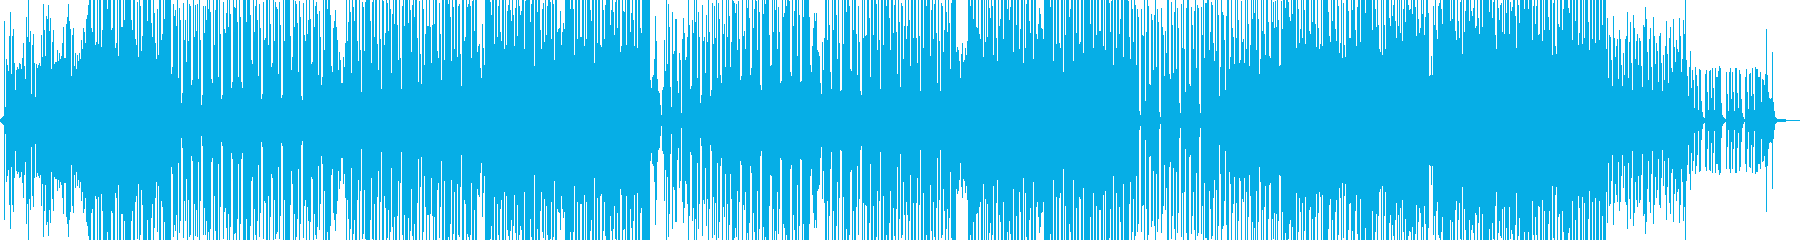 海でプカプカ まったりしたレゲェポップの再生済みの波形